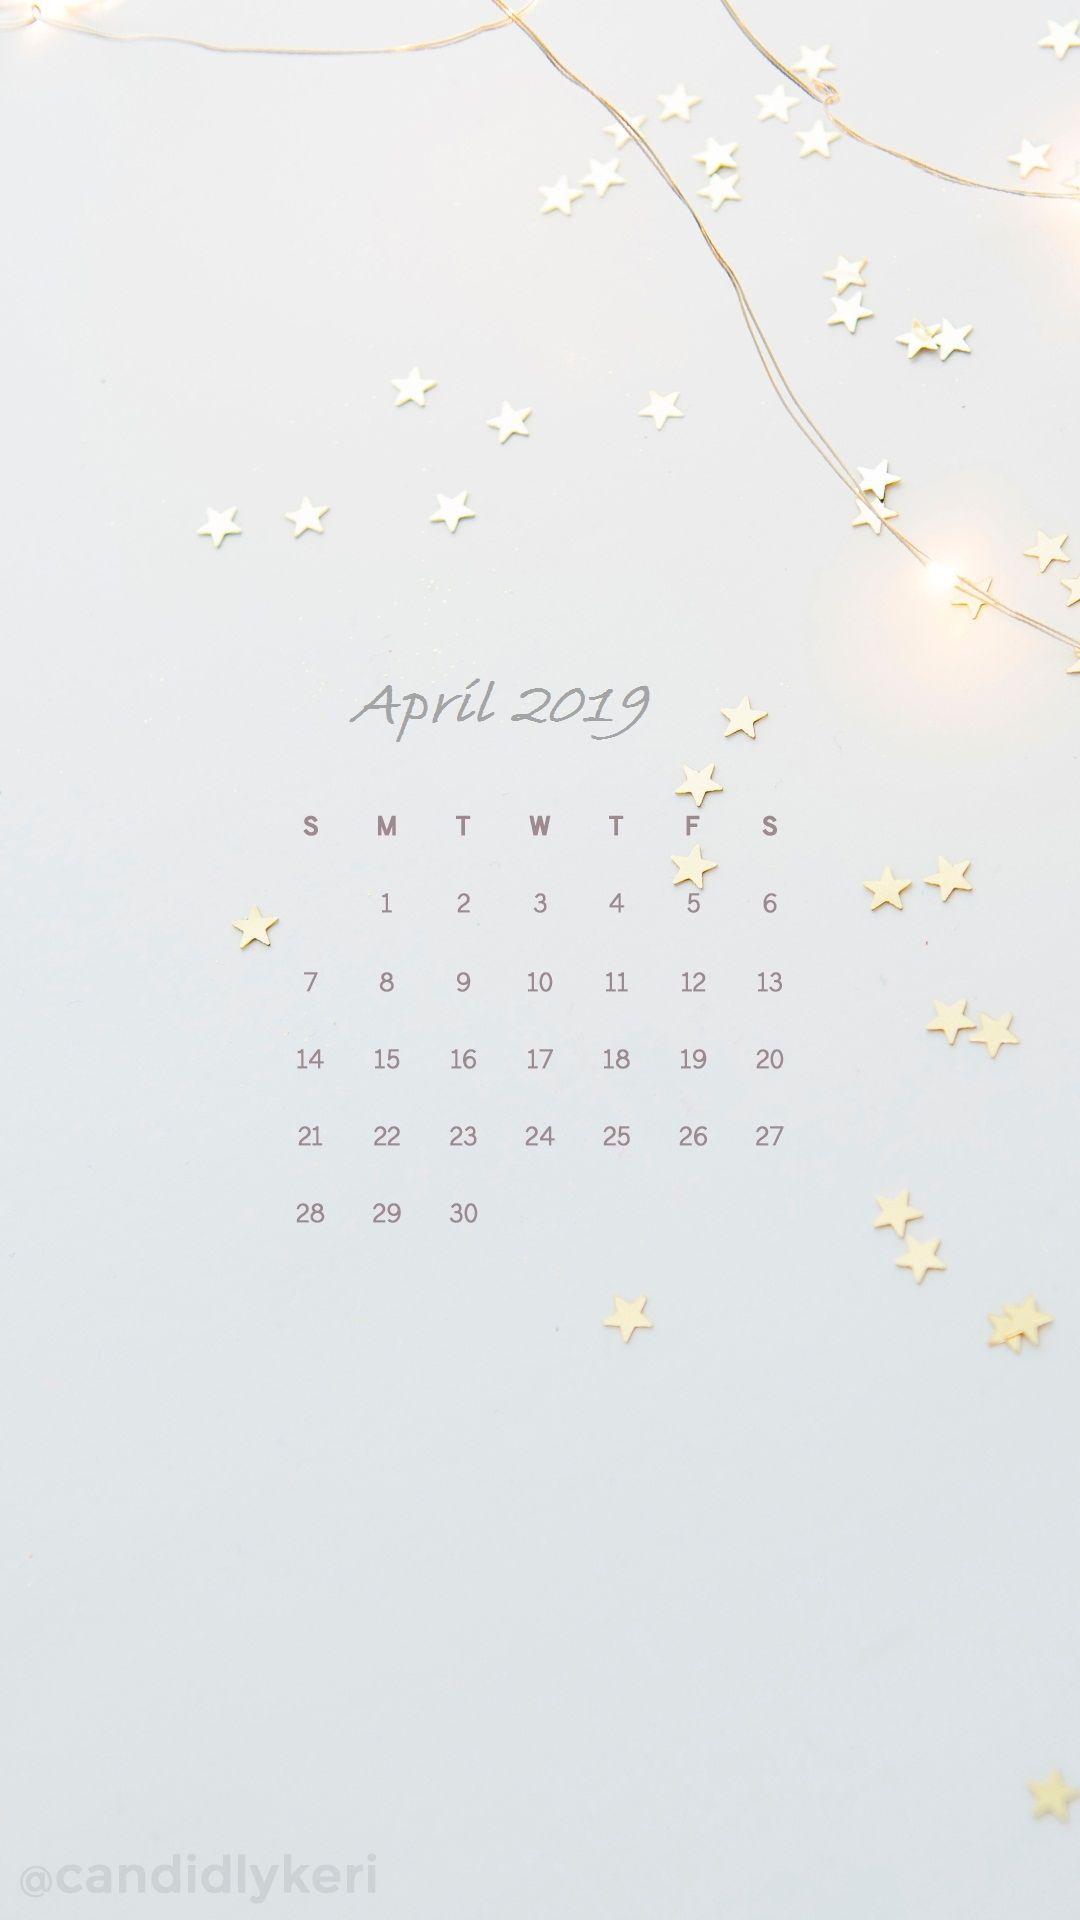 april 2019 iphone calendar wallpaper calendar 2019april 2019 1080x1920